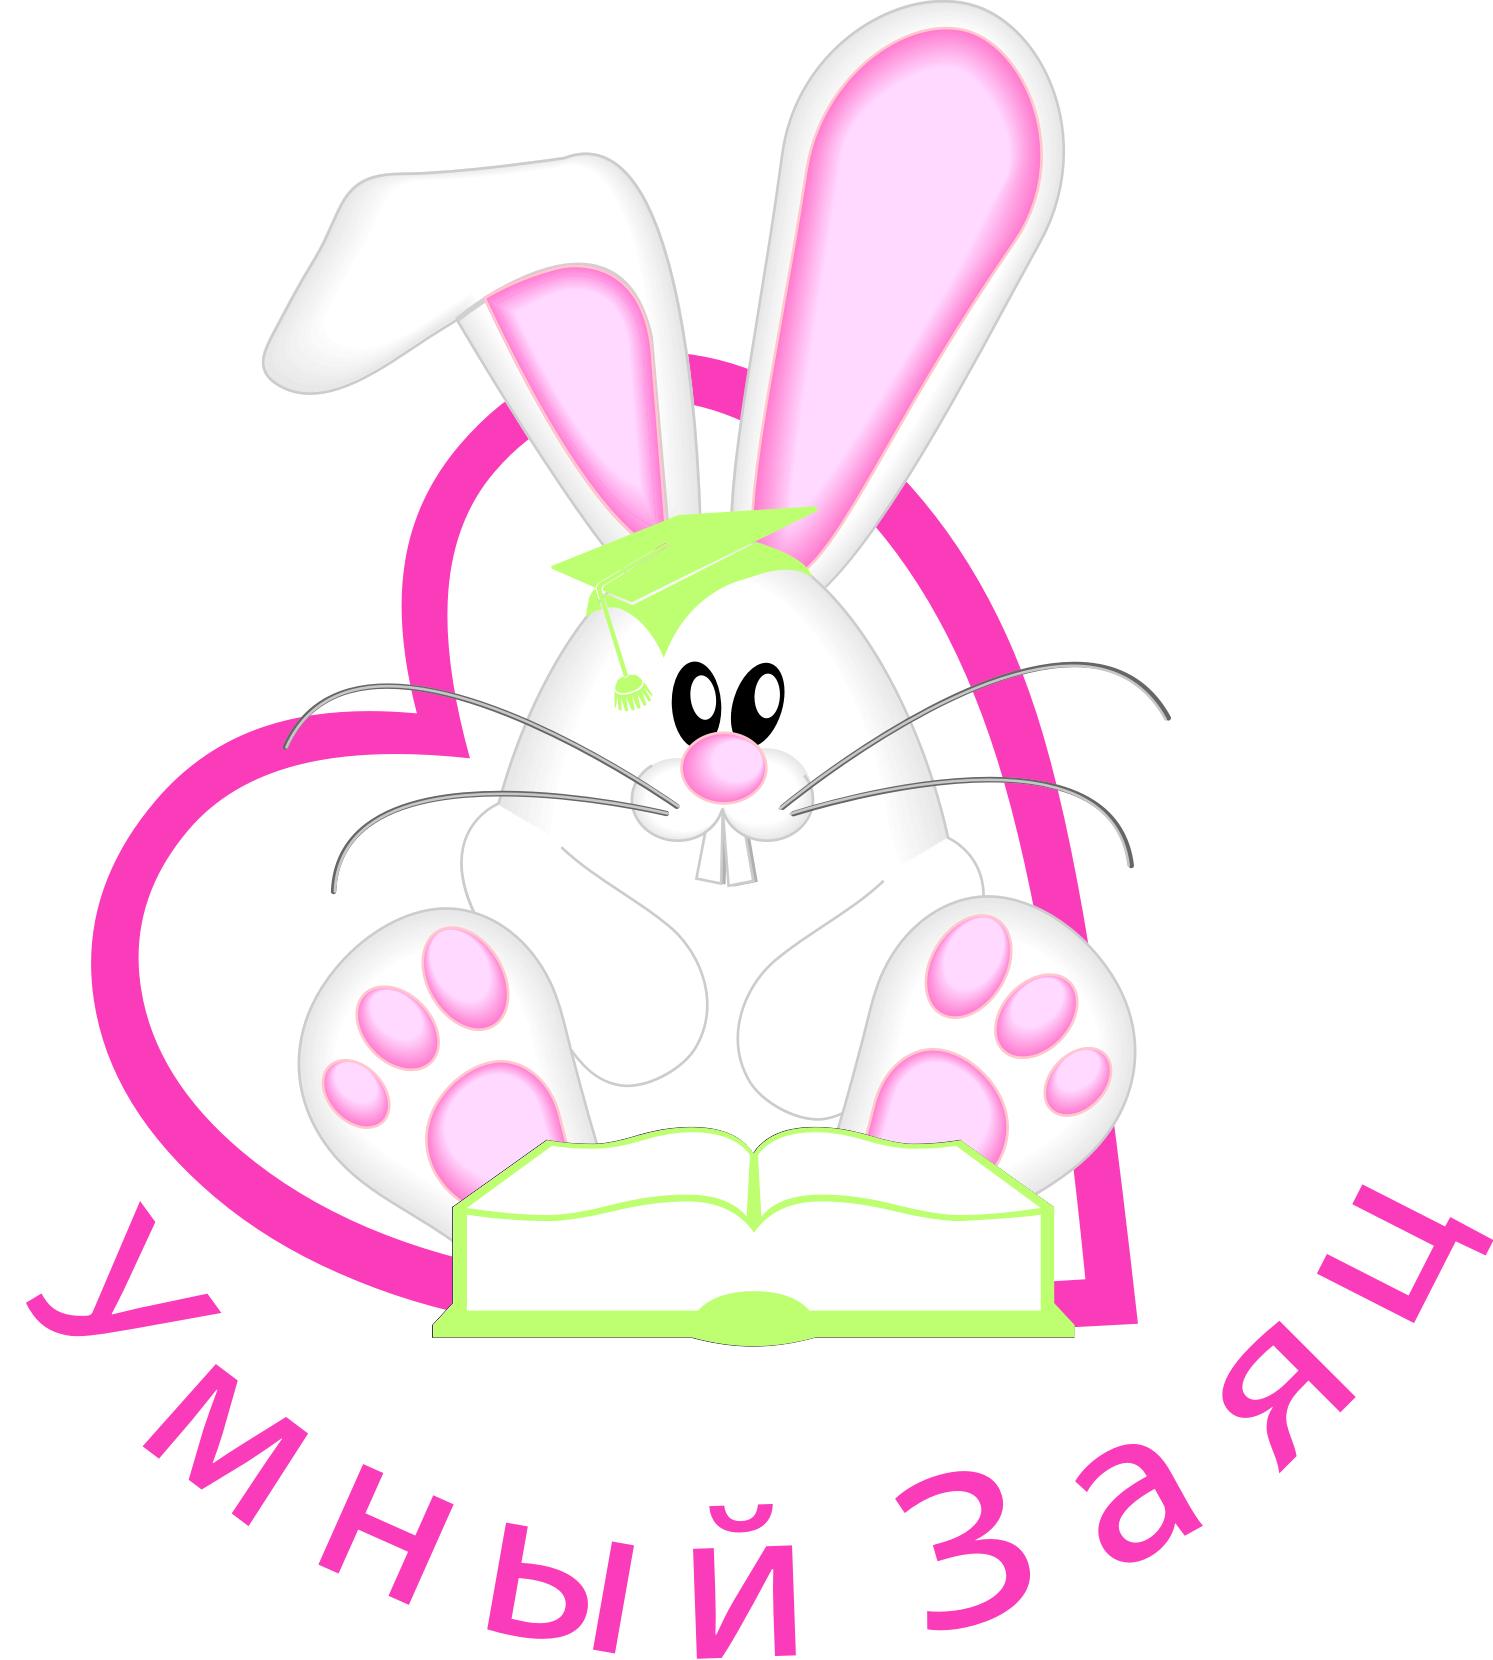 Разработать логотип и фирменный стиль детского клуба фото f_9295565b64839380.jpg